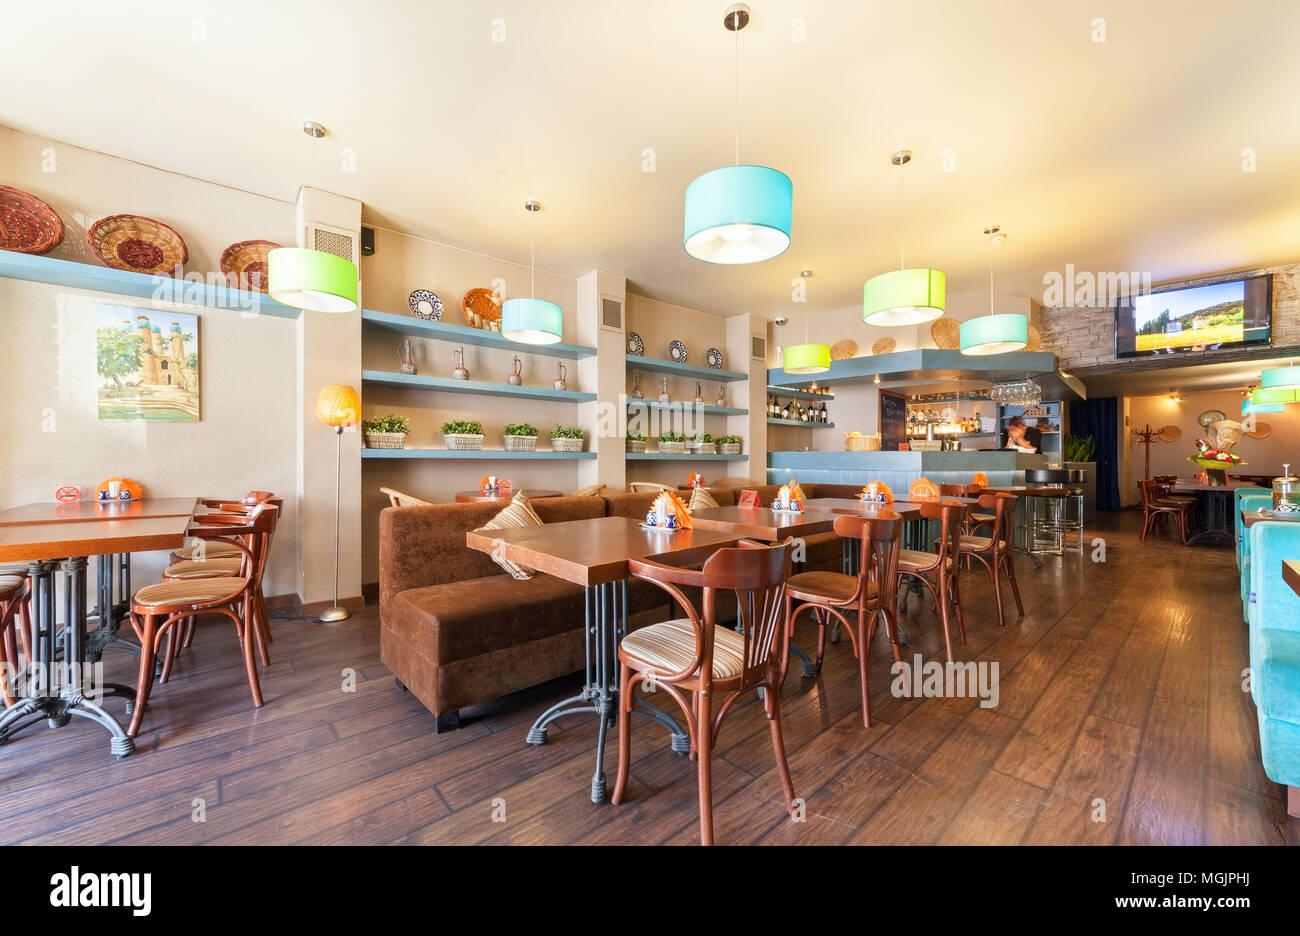 Decoration Interieur D\'un Café